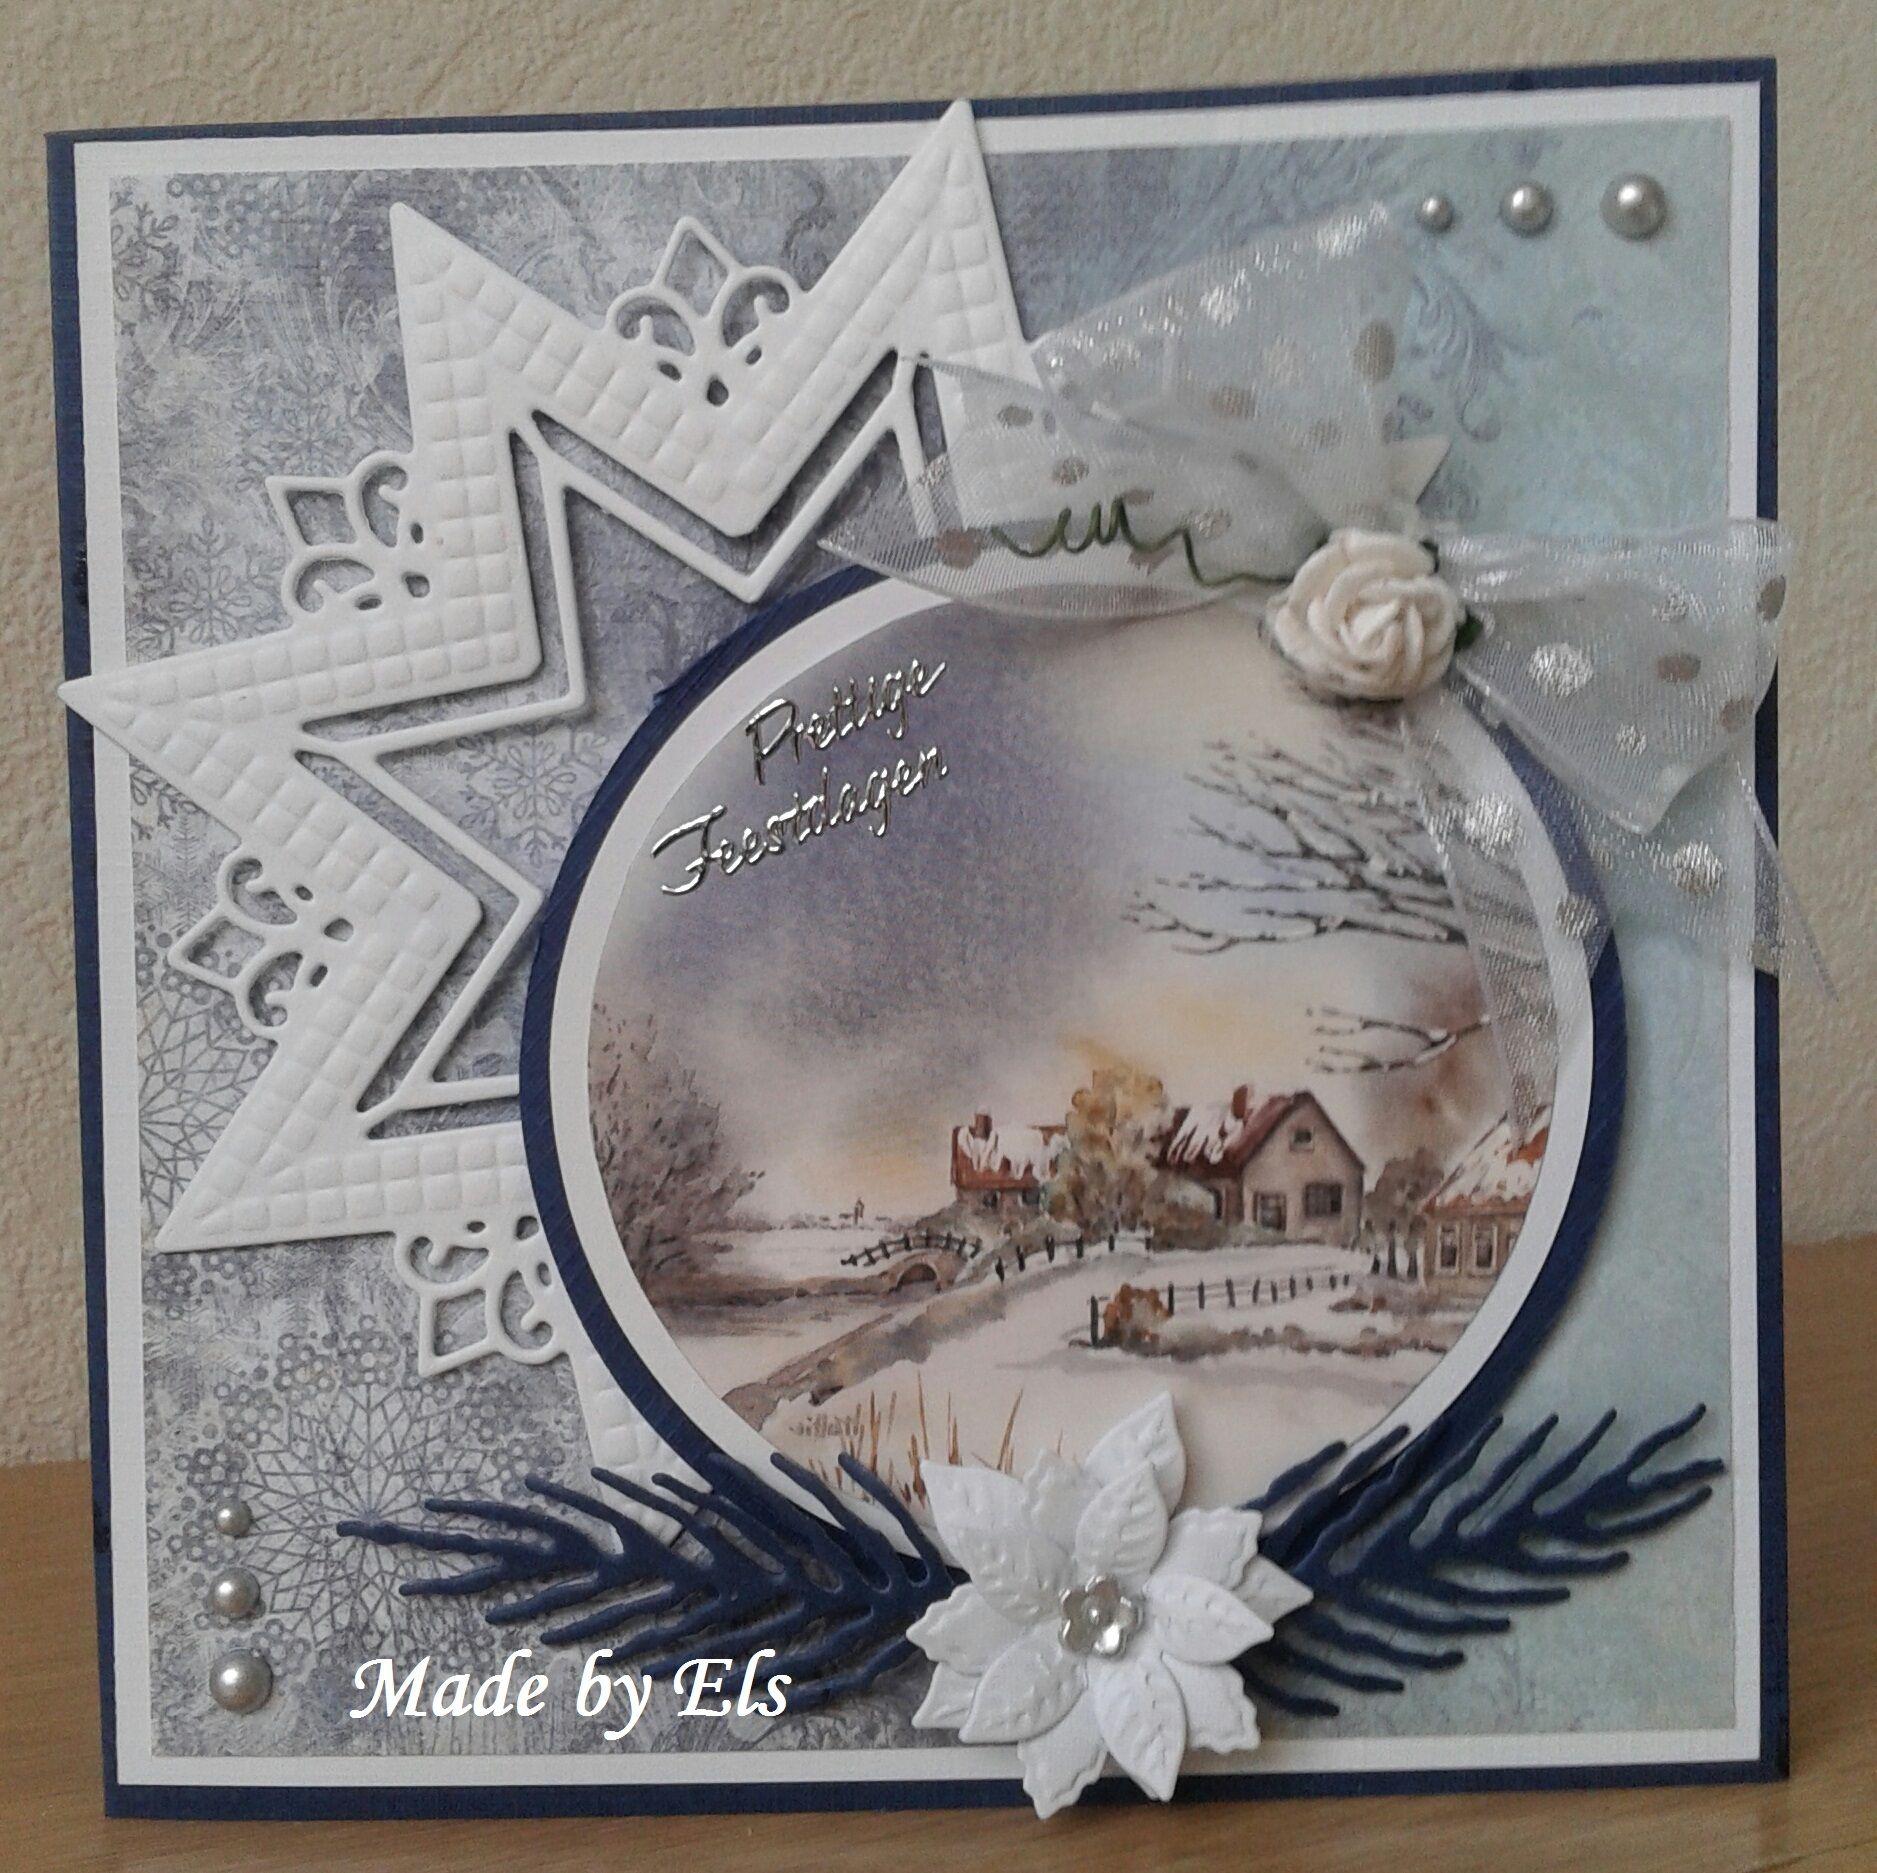 Fonkelnieuw Mooi Kerstkaartje (met afbeeldingen)   Kerst kaarten, Kaarten RG-56